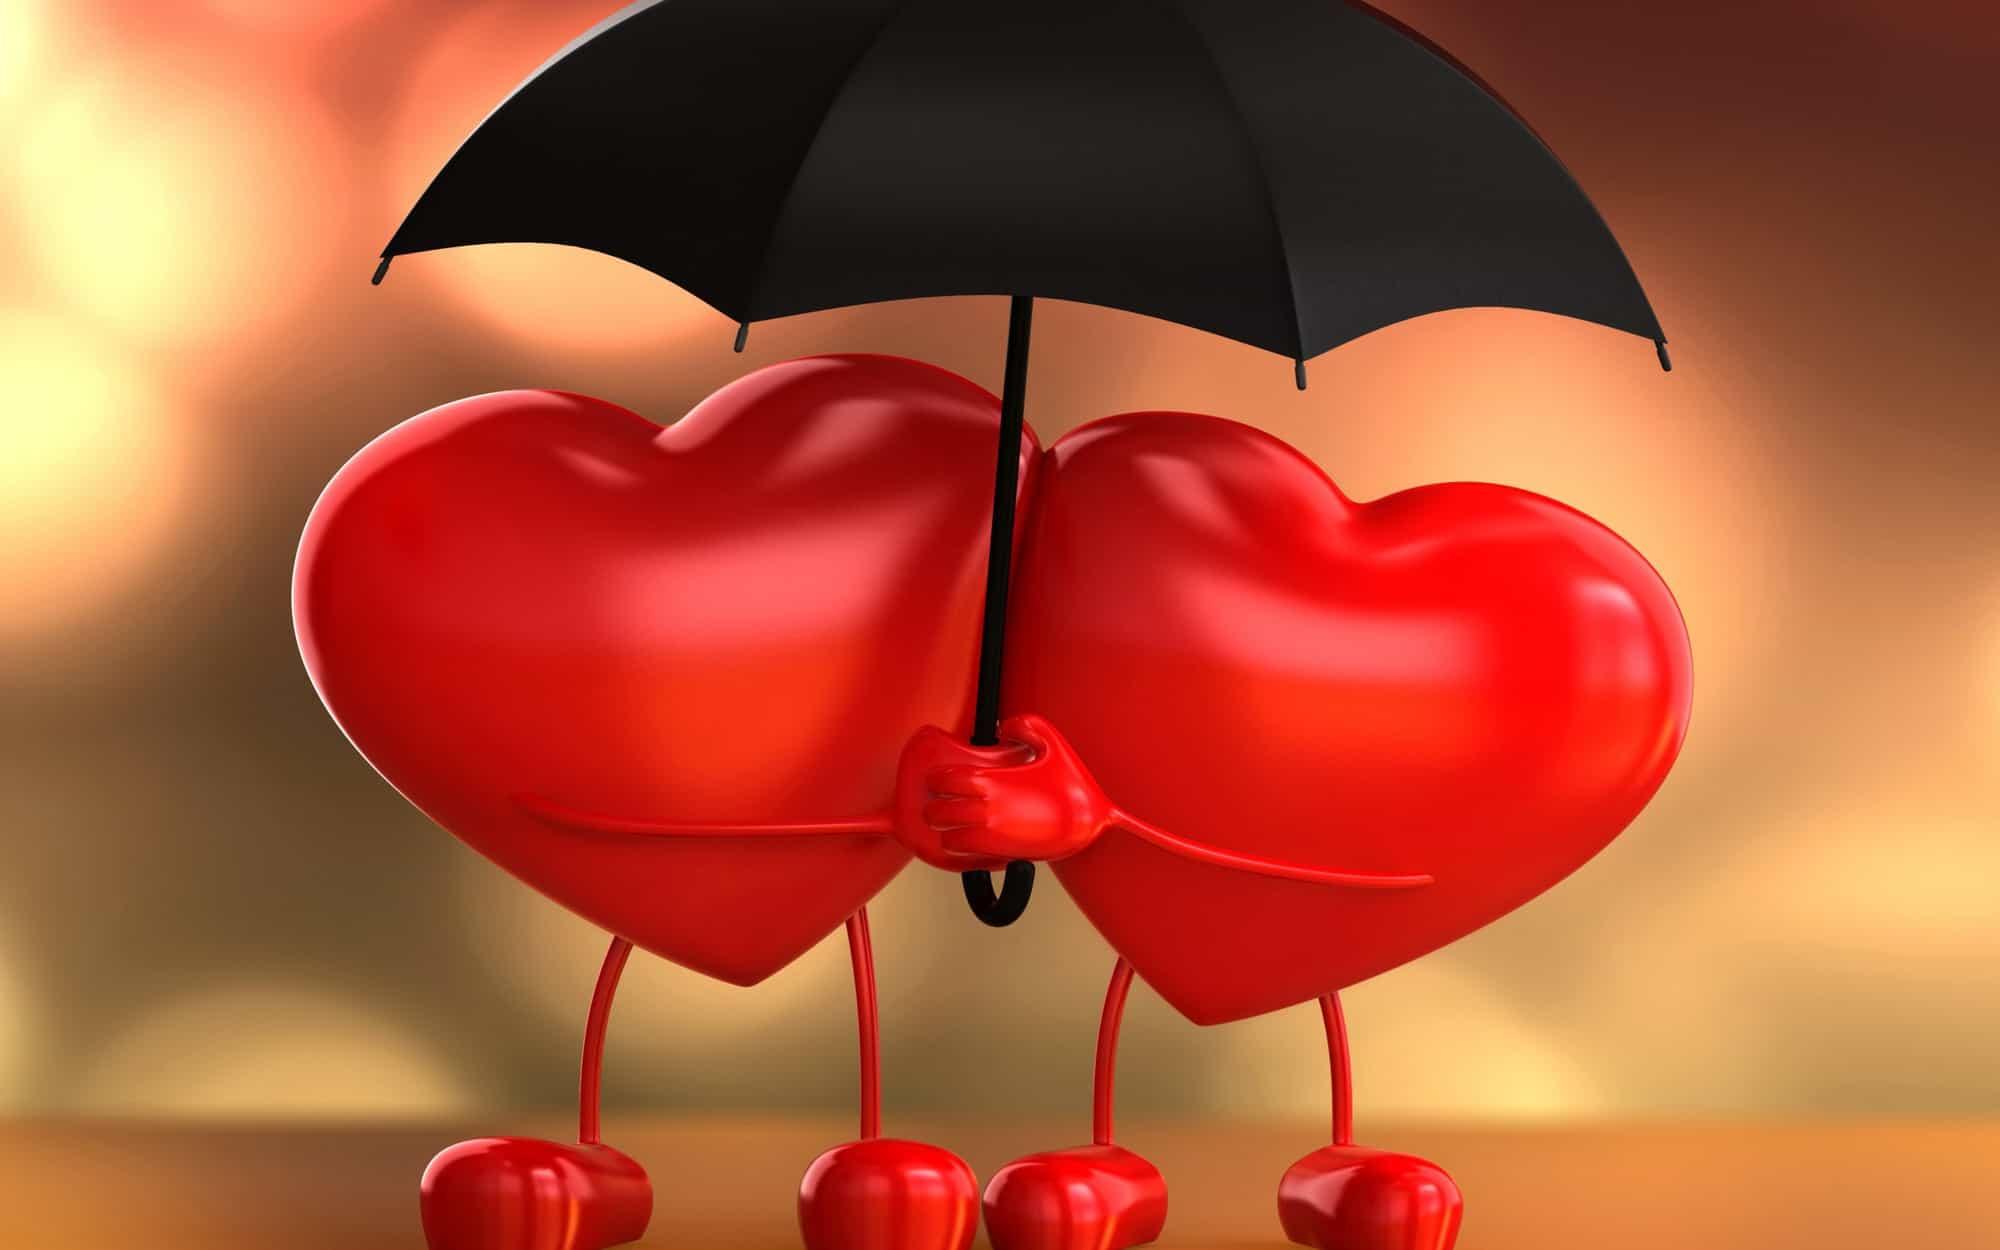 صور مفهوم الحب , ما معنى الحب؟